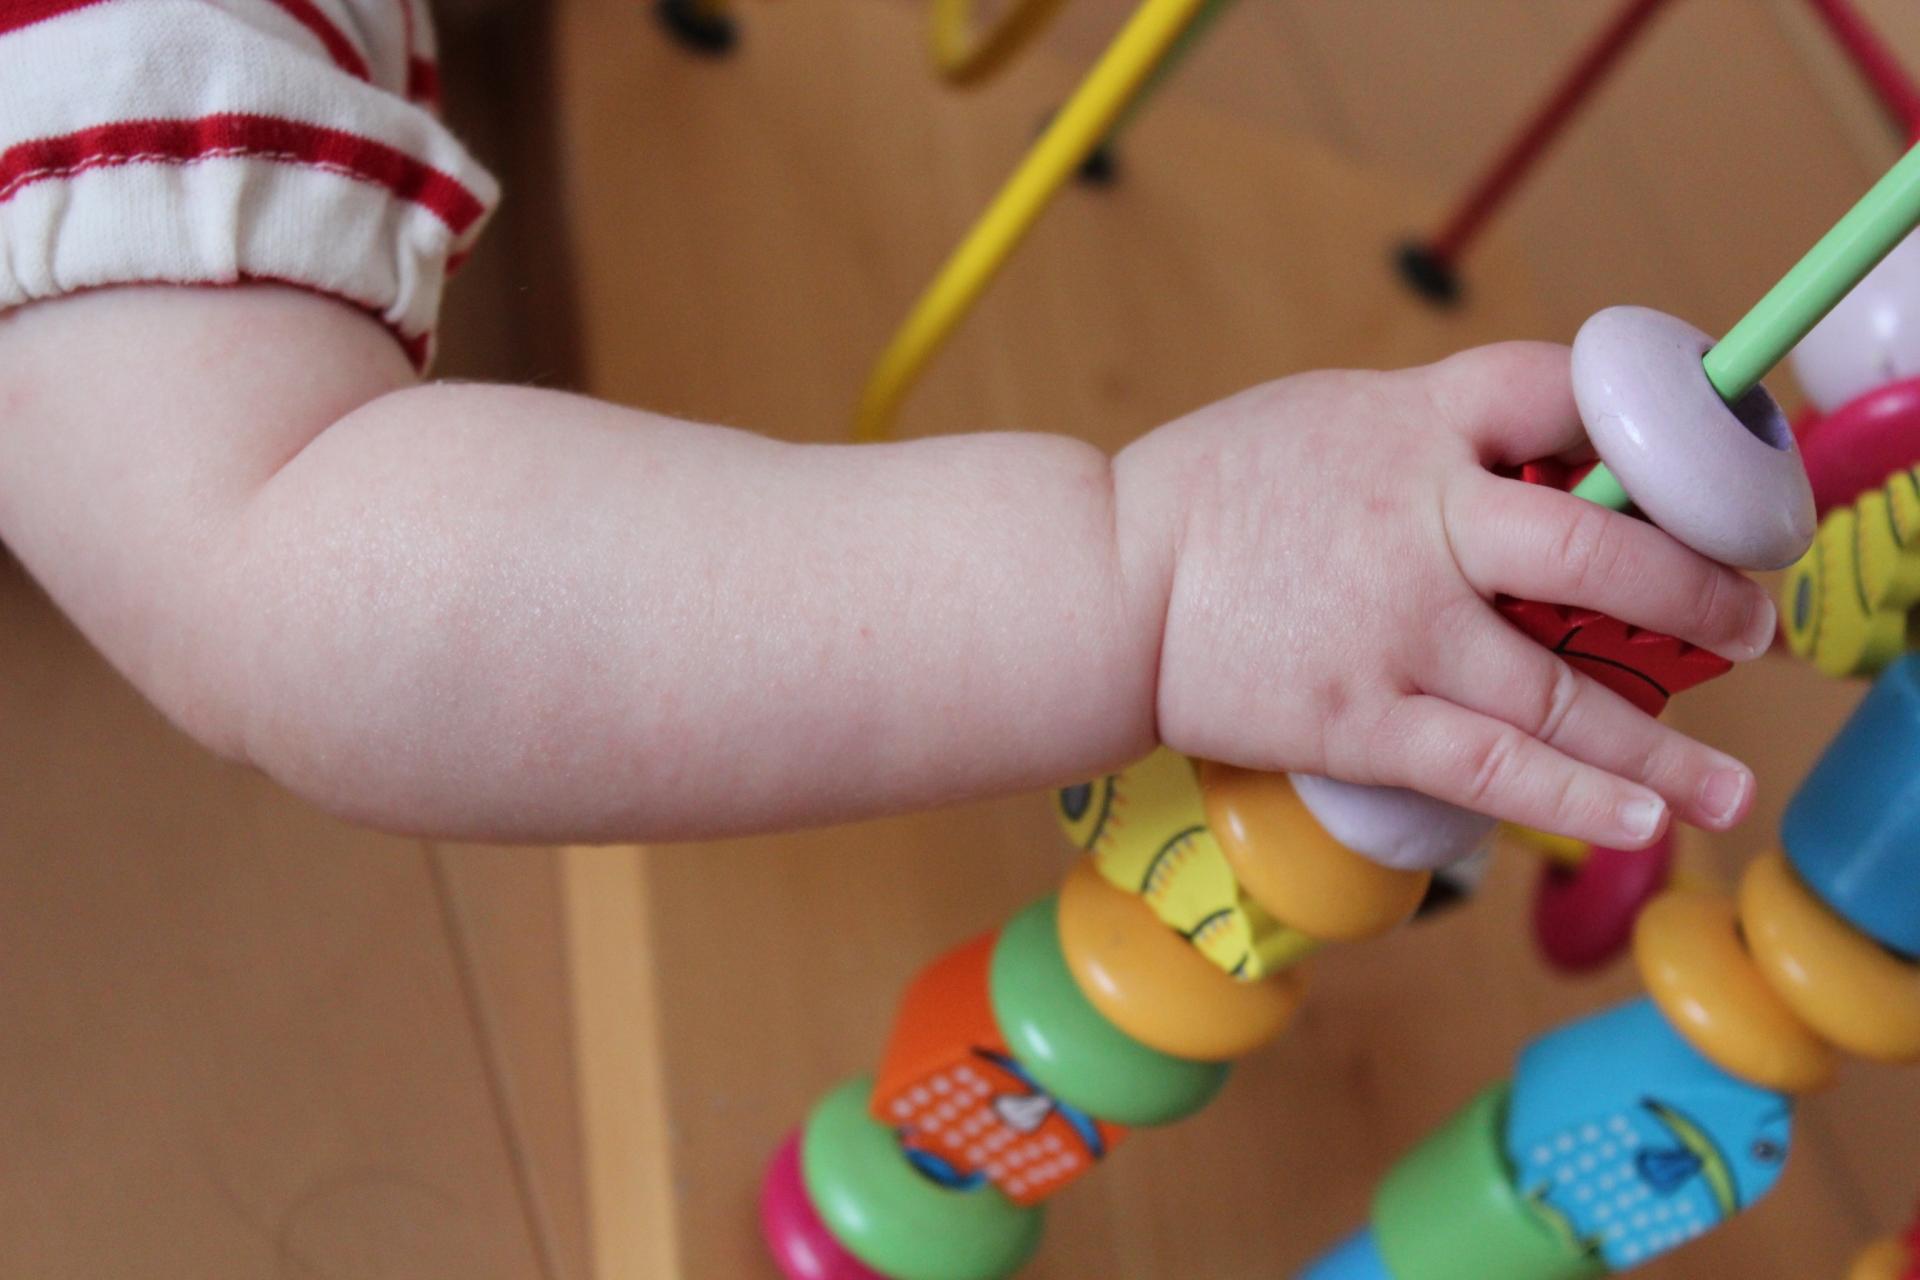 除菌スプレーは赤ちゃんにも平気?おすすめの除菌法は?